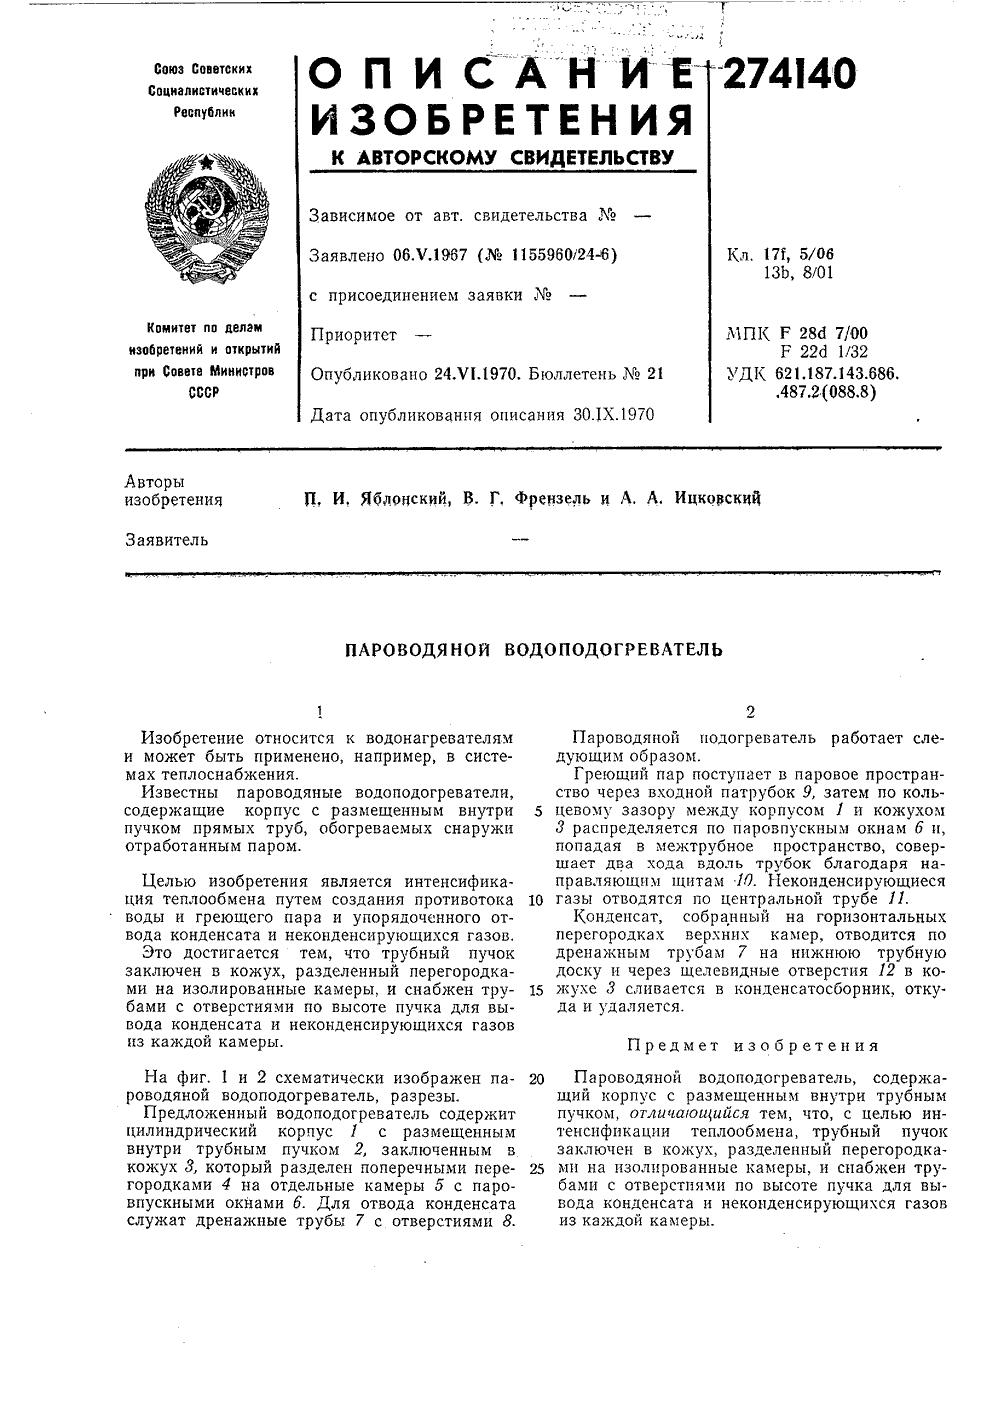 Пароводяной теплообменник производство ссср 1970 прокладки теплообменника опель астра h цена